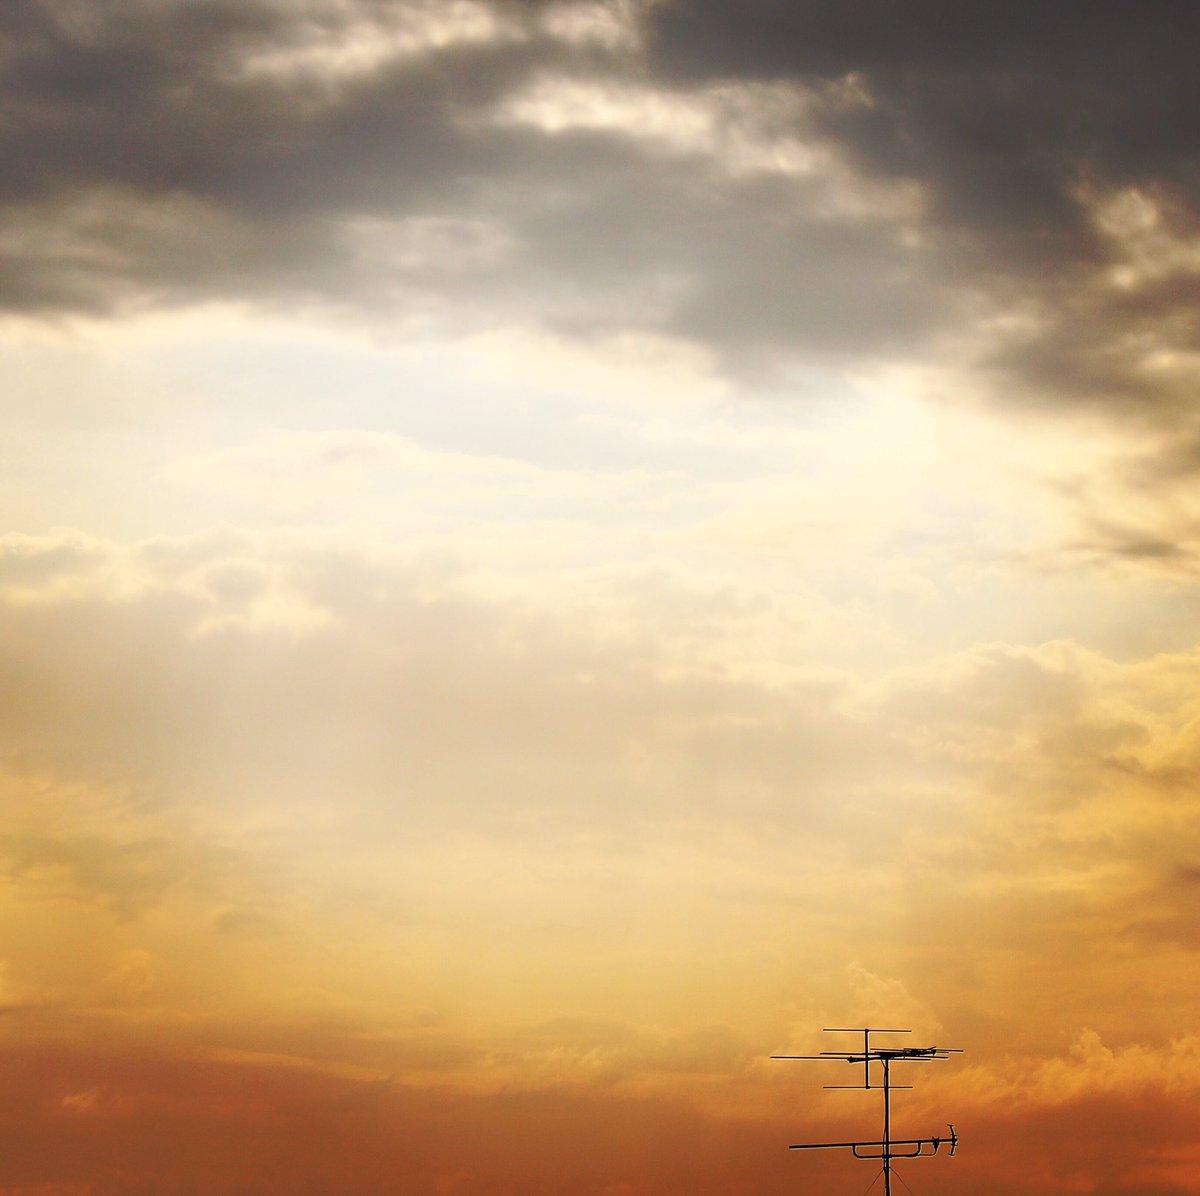 このまま、 雨は降らないでー!(w。 #空 #雲 #sky #イマソラ #ファインダー越しの私の世界 #写真撮ってる人と繋がりたい